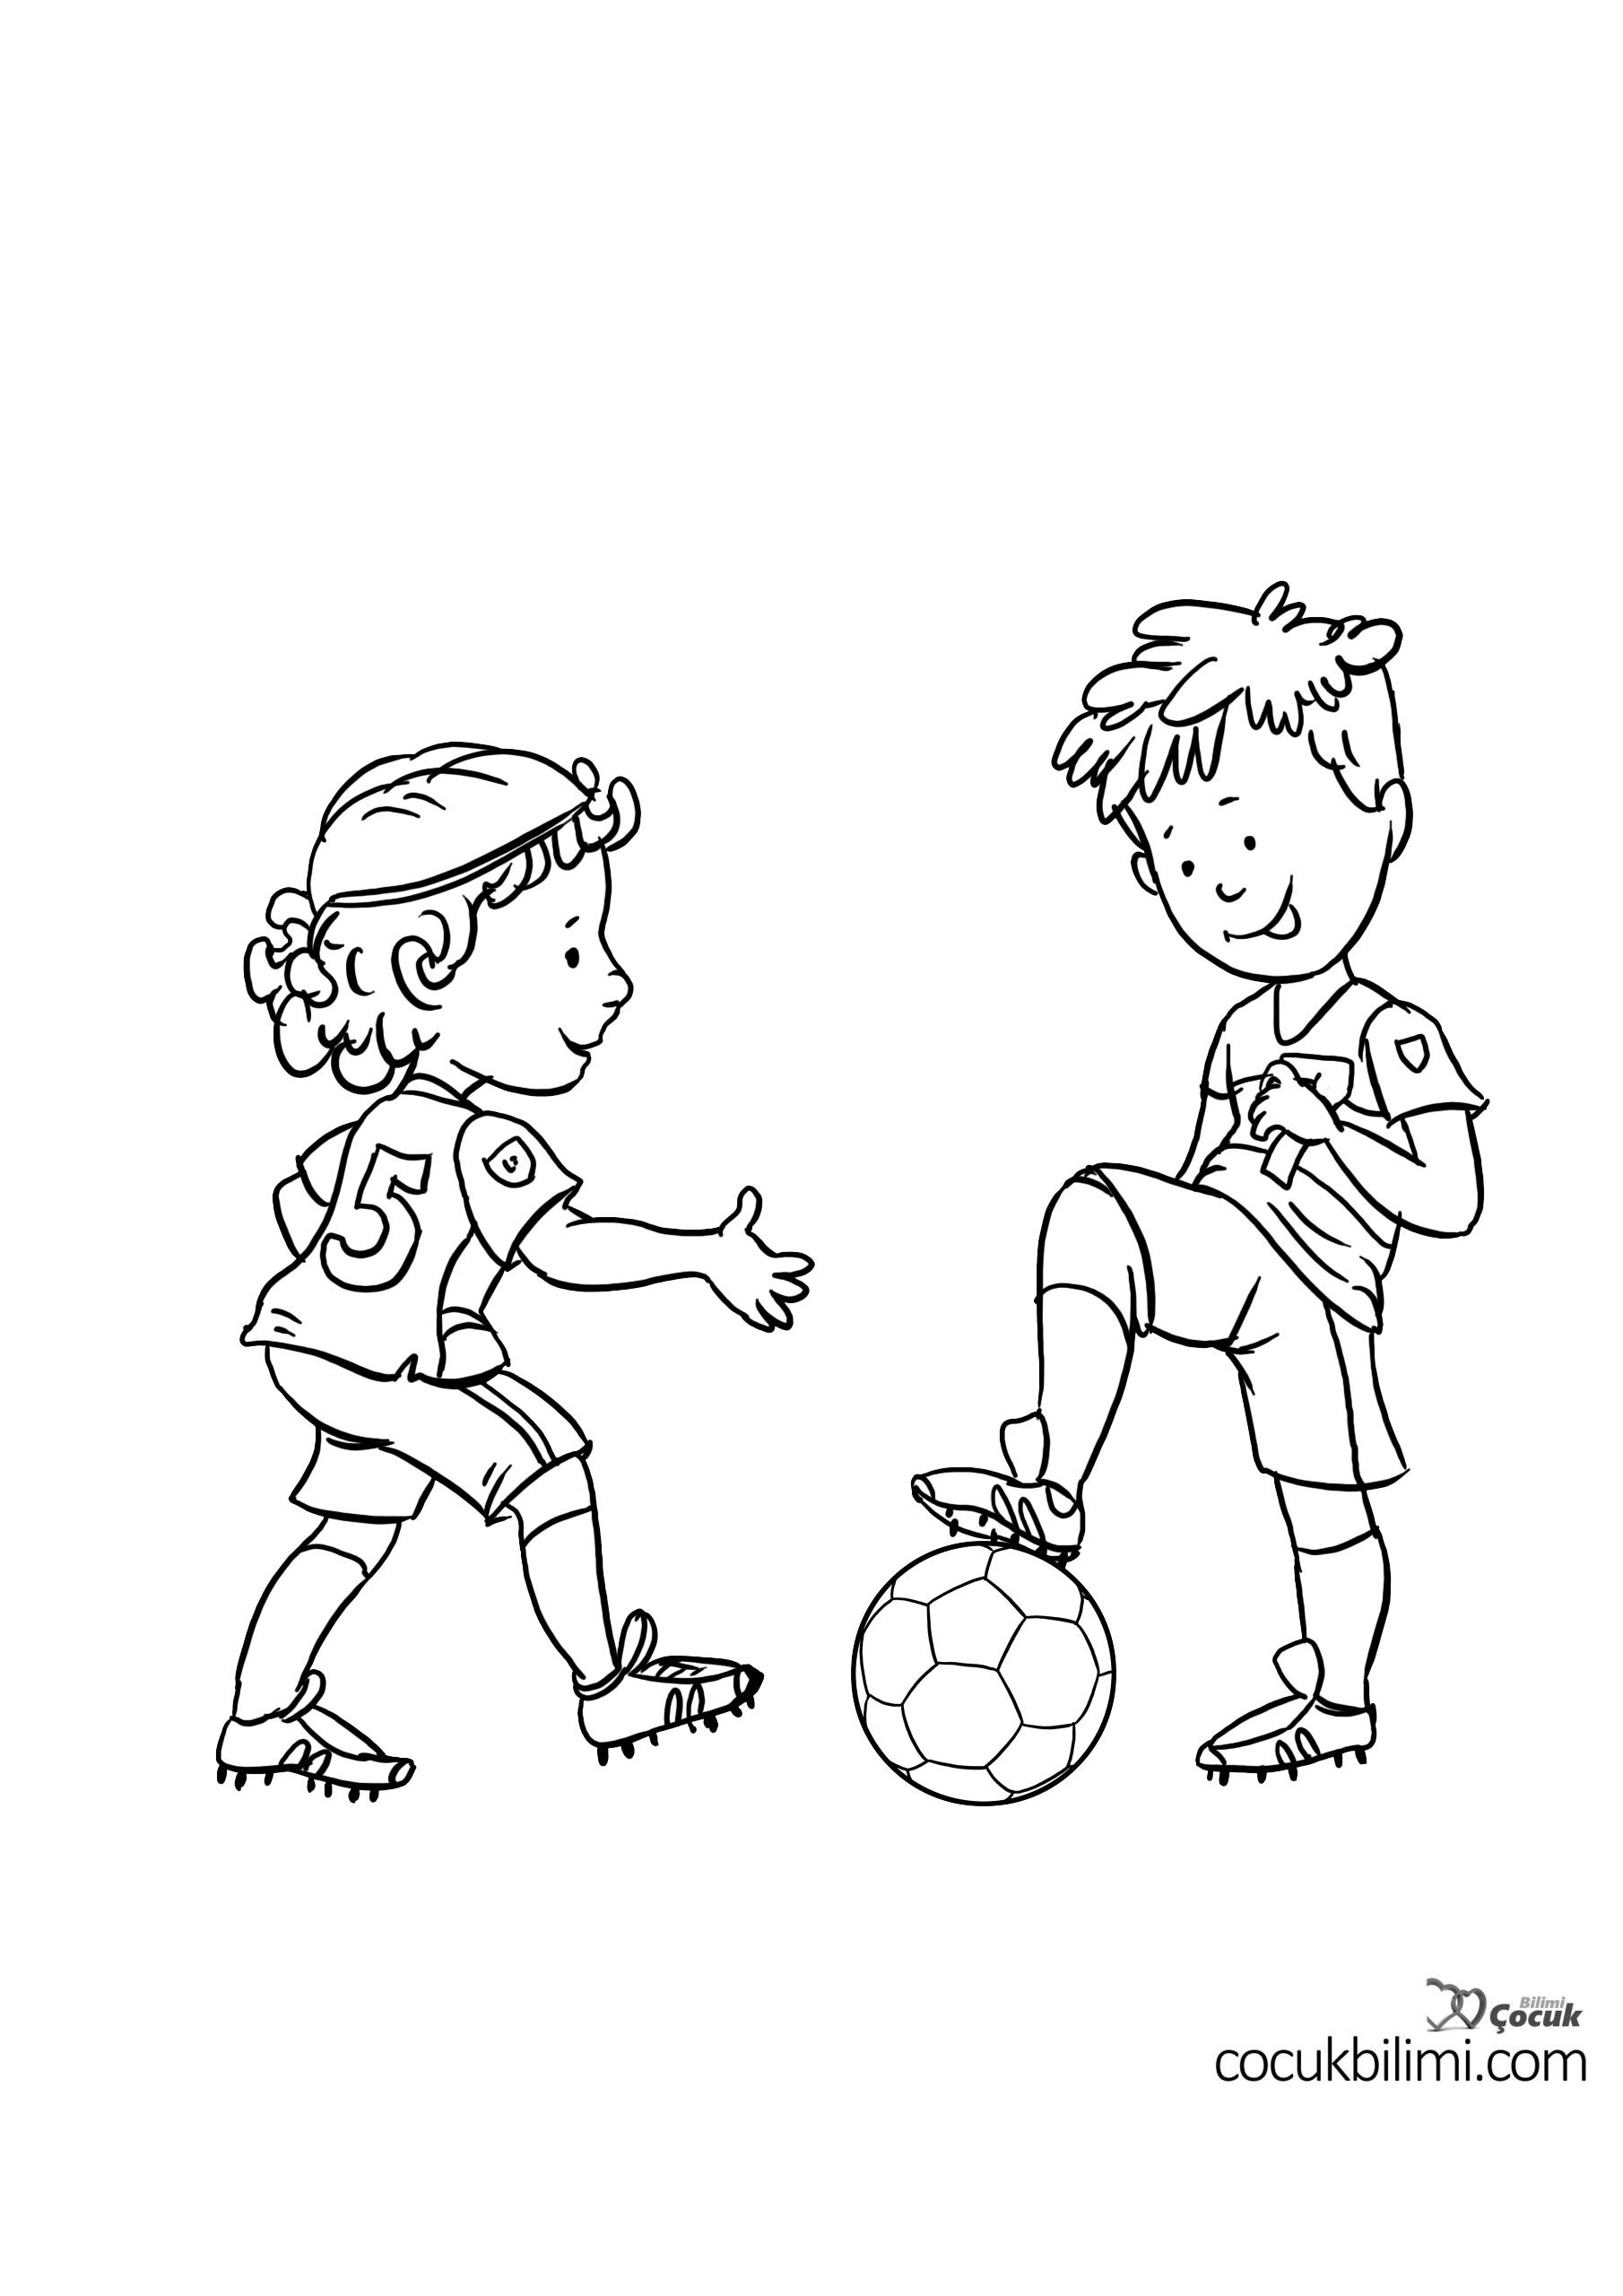 futbol-arkadaslar